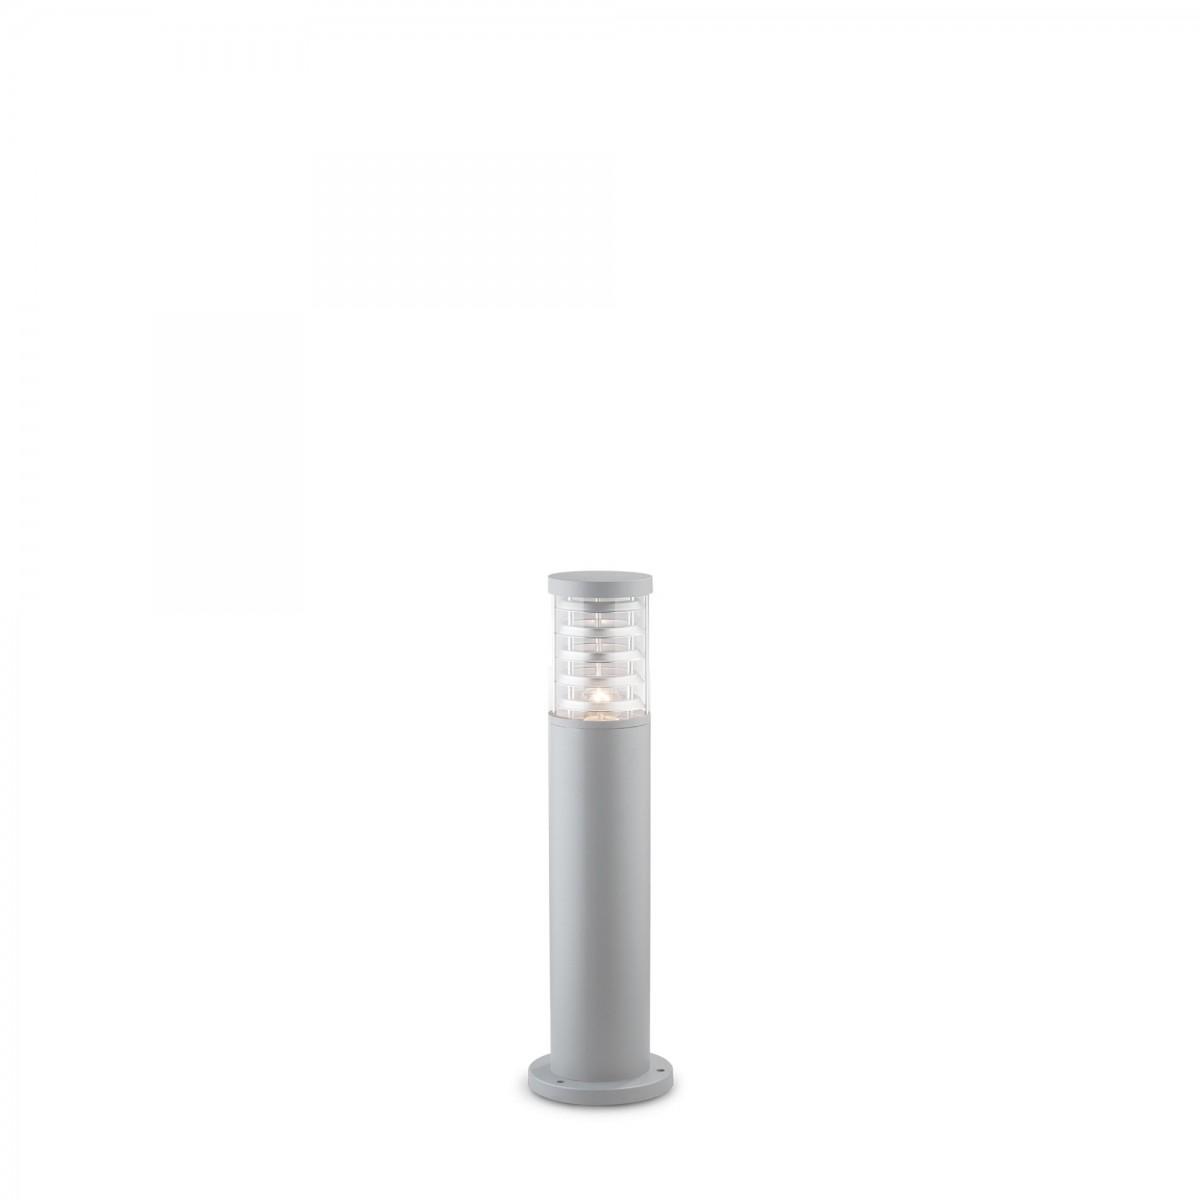 Ideal Lux 248288 venkovní sloupkové svítidlo Tronco 1x60W | E27 | IP54 - šedé